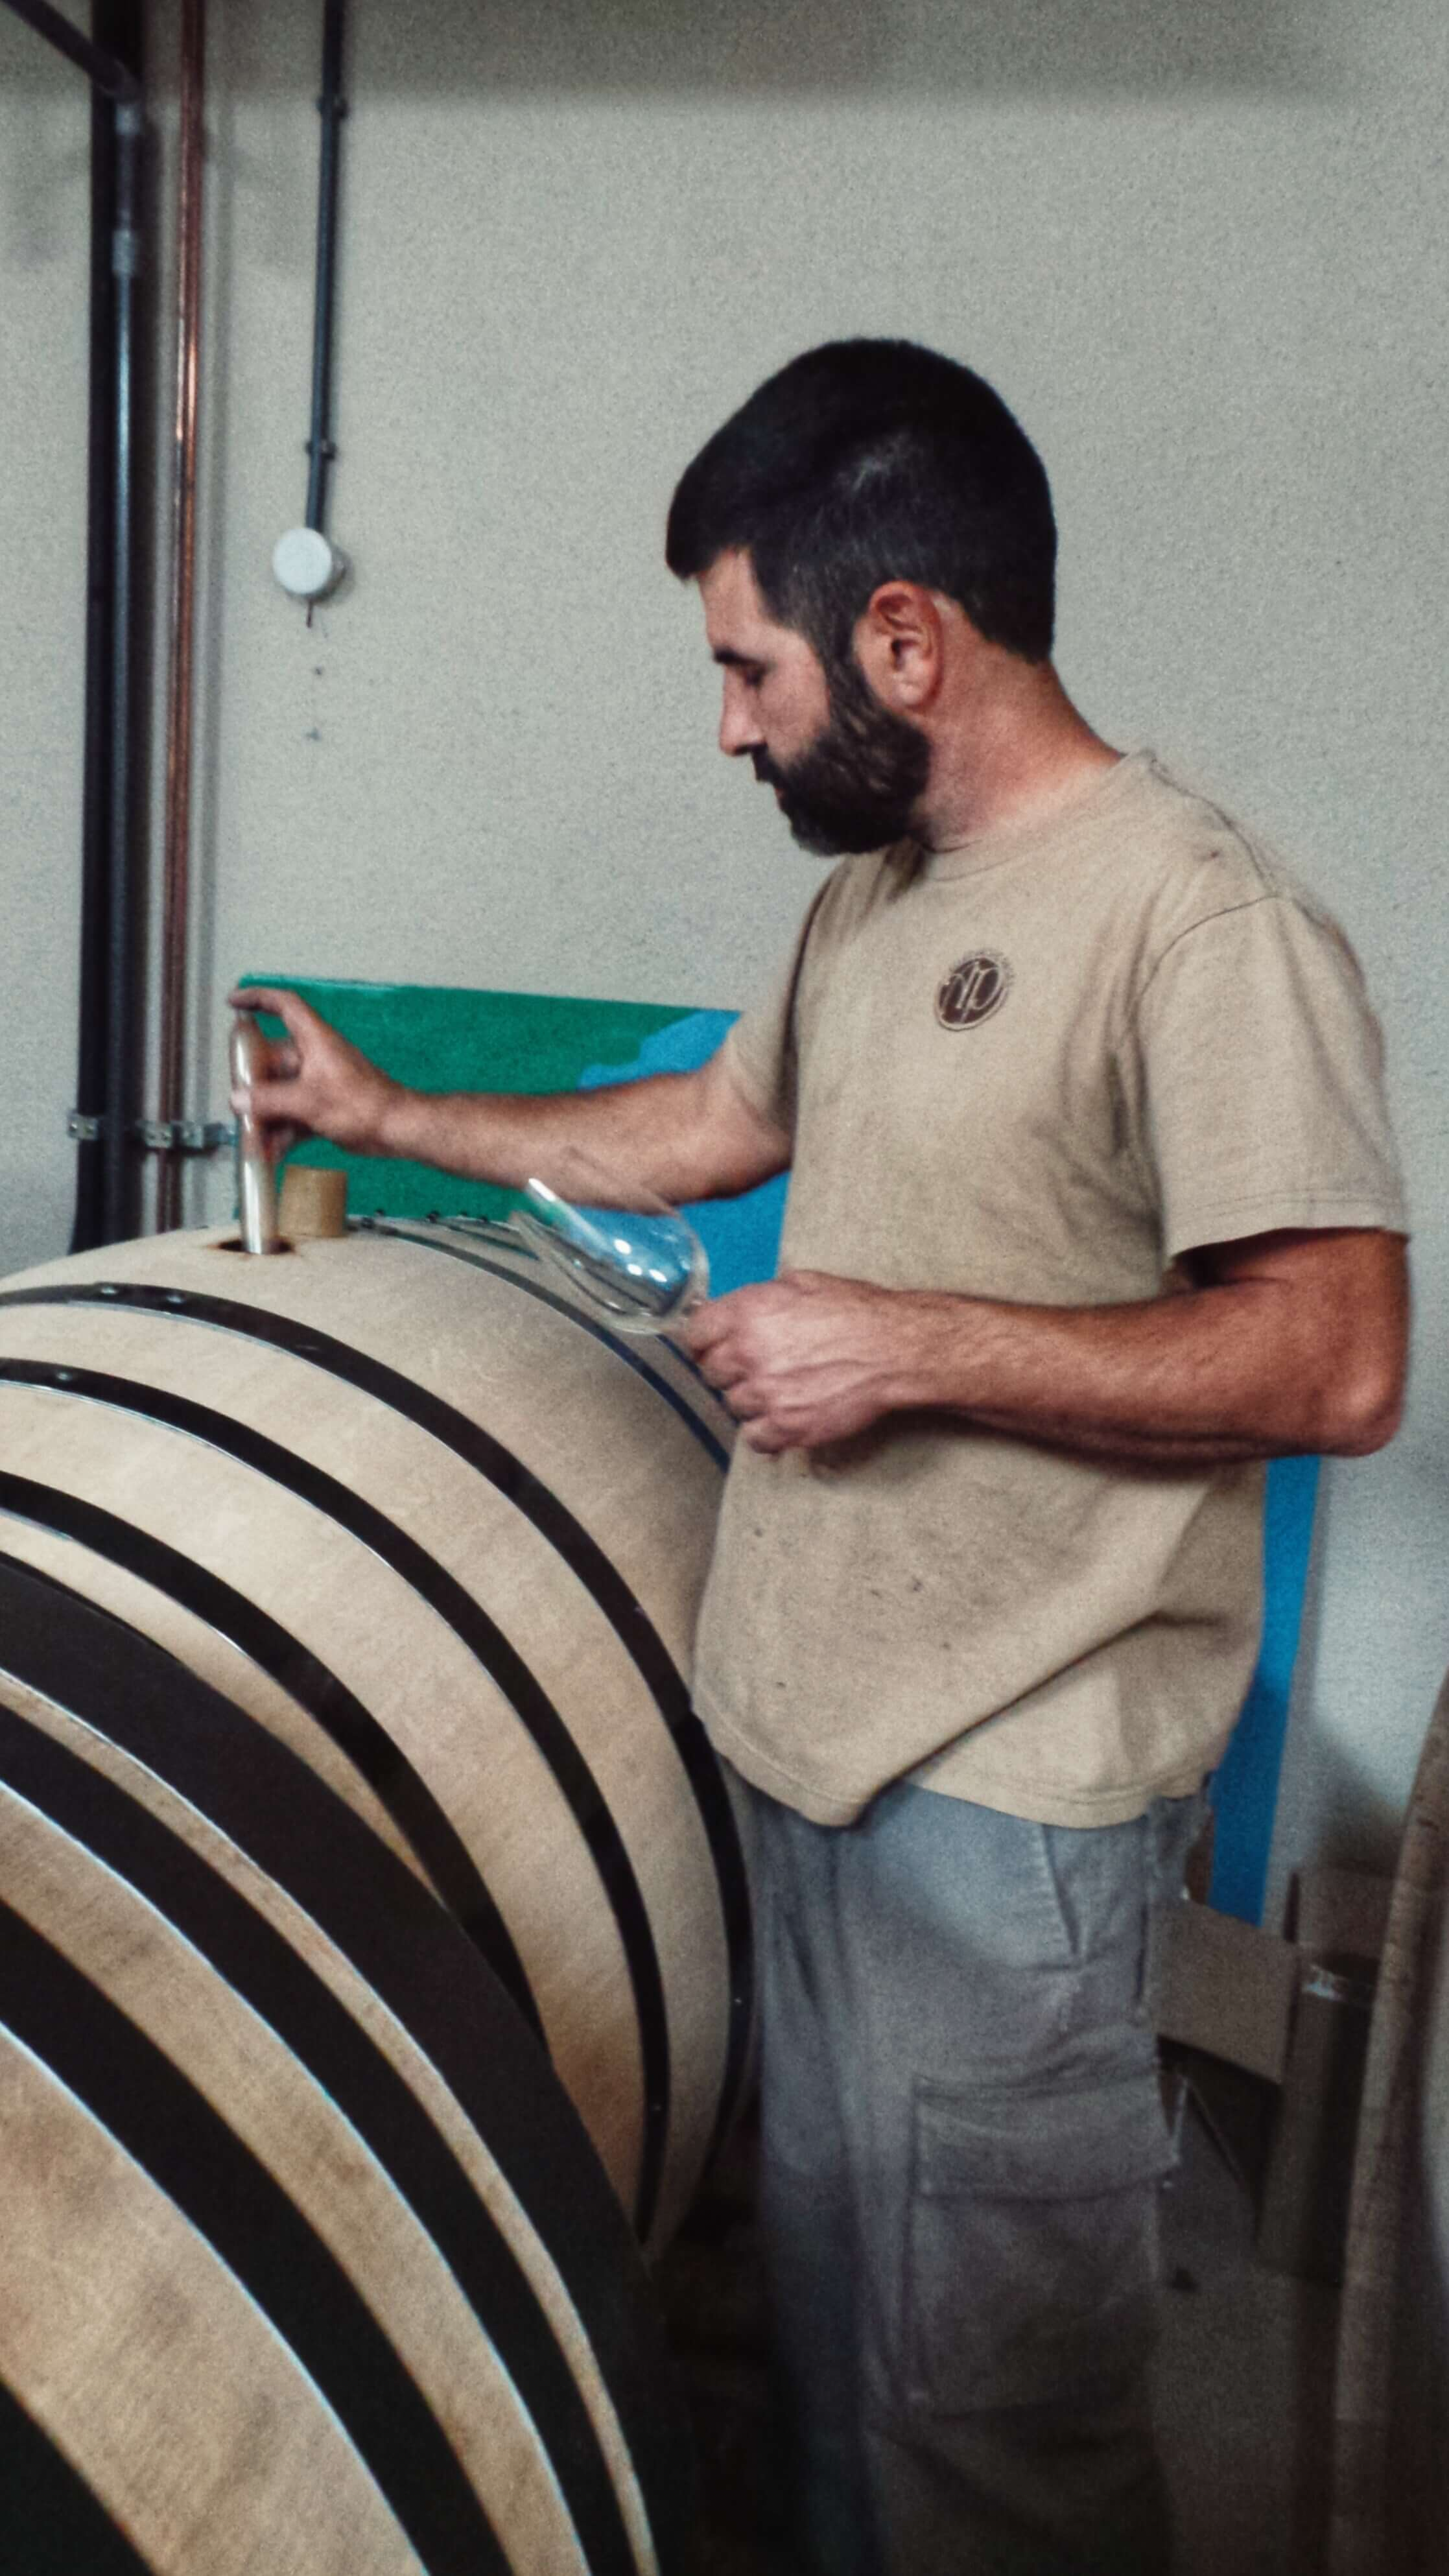 arche pages wine cellar costa brava spain